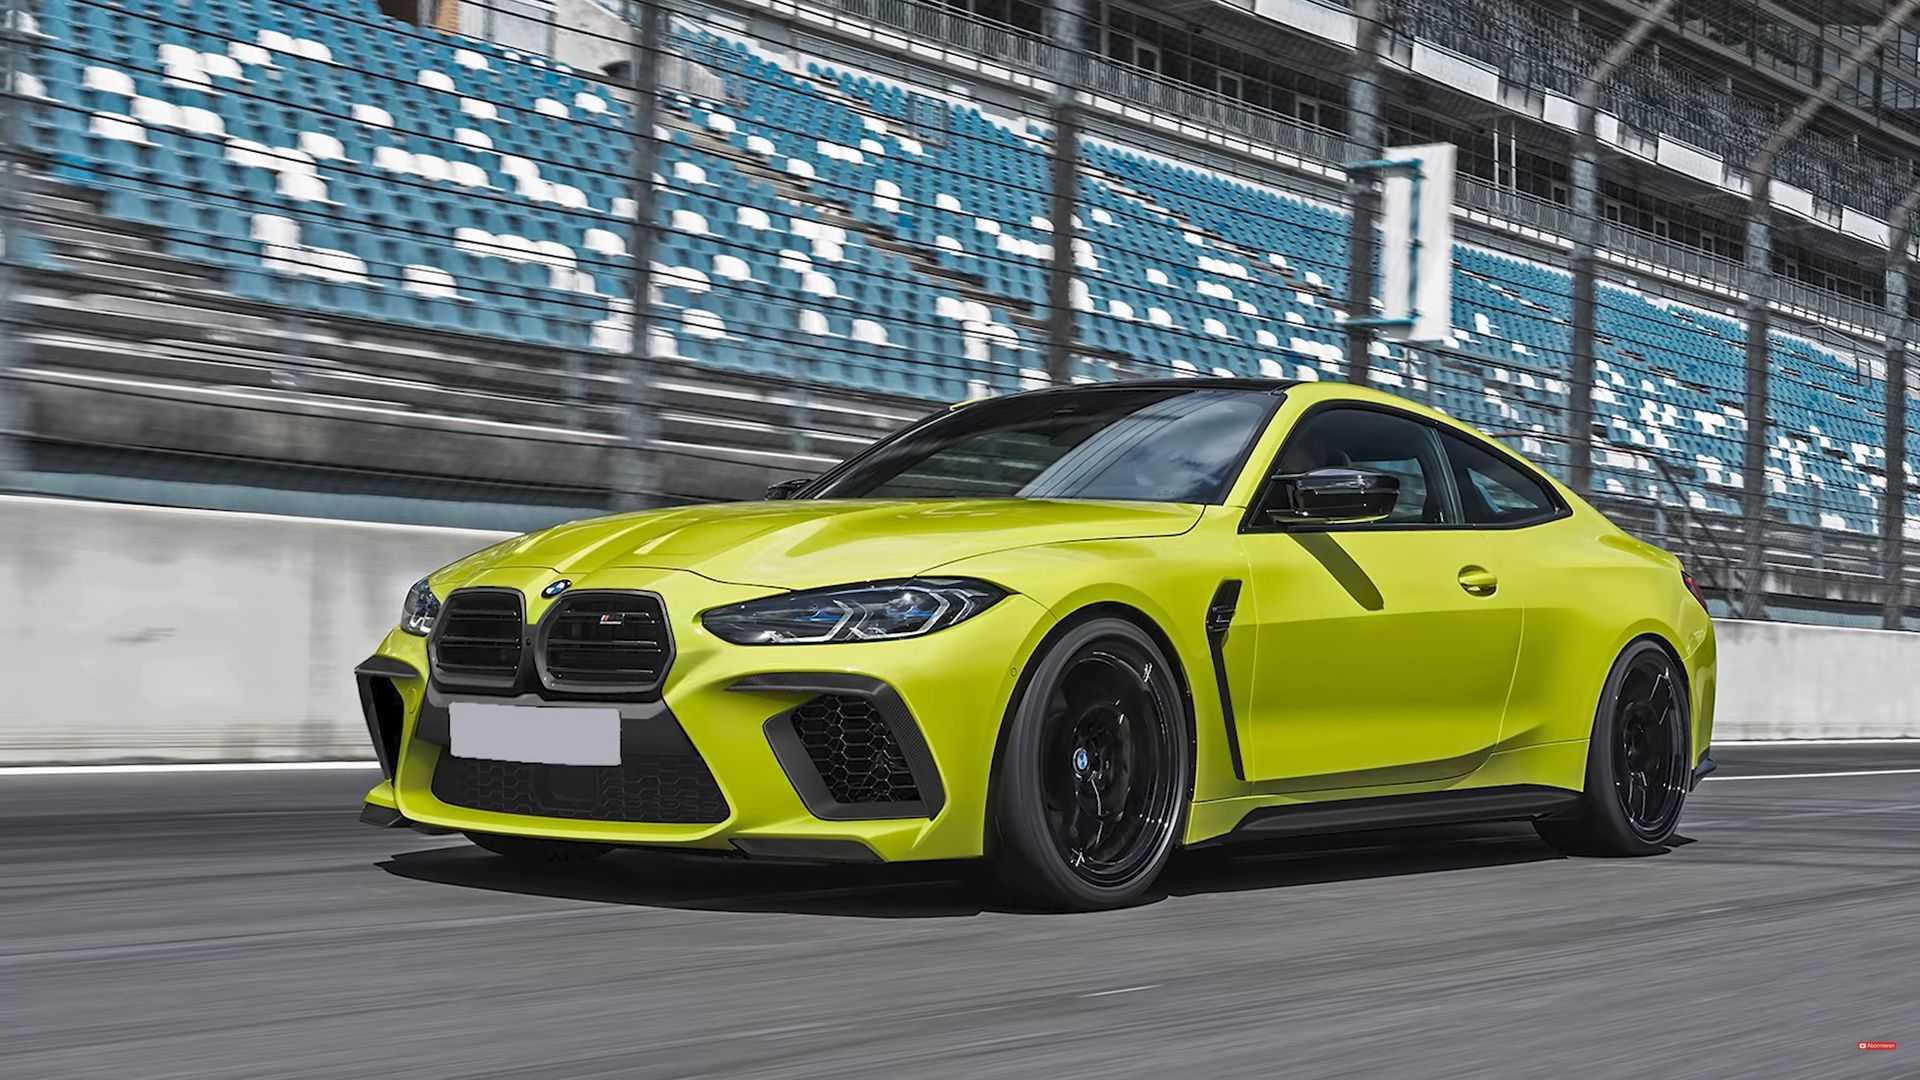 BMW-M4-Aftermarket-Redesign-7